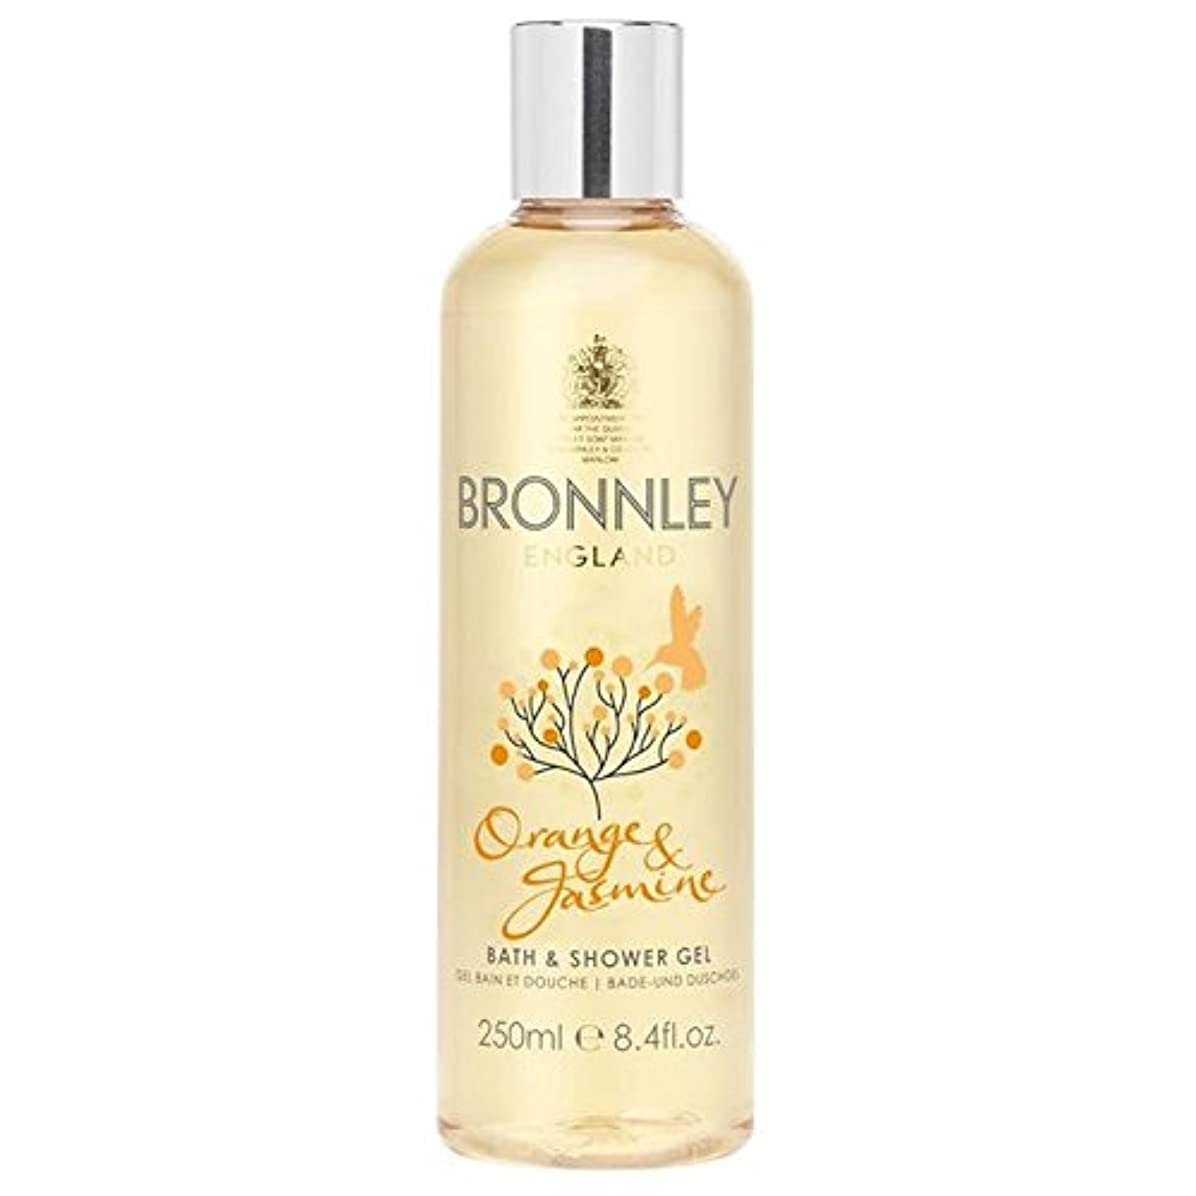 タイル落胆する商標オレンジ&ジャスミンバス&シャワージェル250ミリリットル x2 - Bronnley Orange & Jasmine Bath & Shower Gel 250ml (Pack of 2) [並行輸入品]